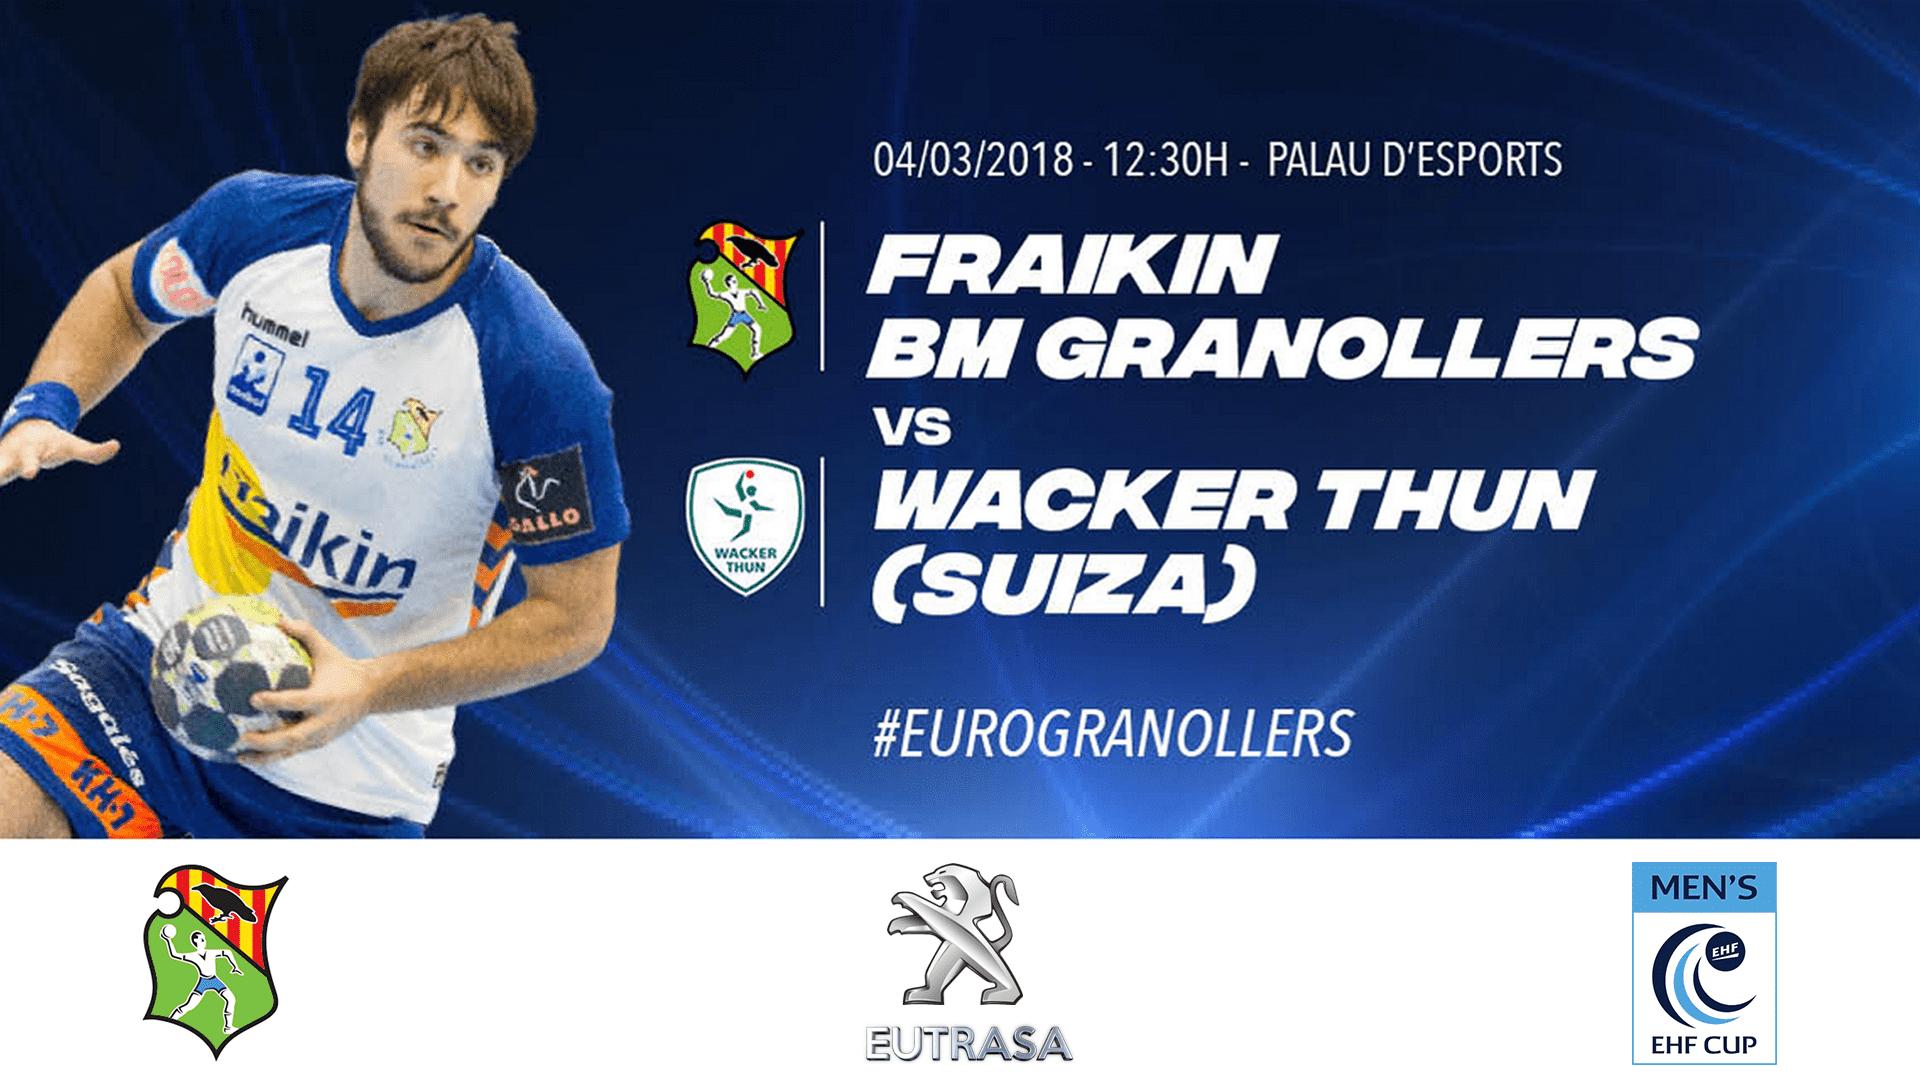 Eutrasa patrocina els partits de competició europea del Frainkin BM Granollers